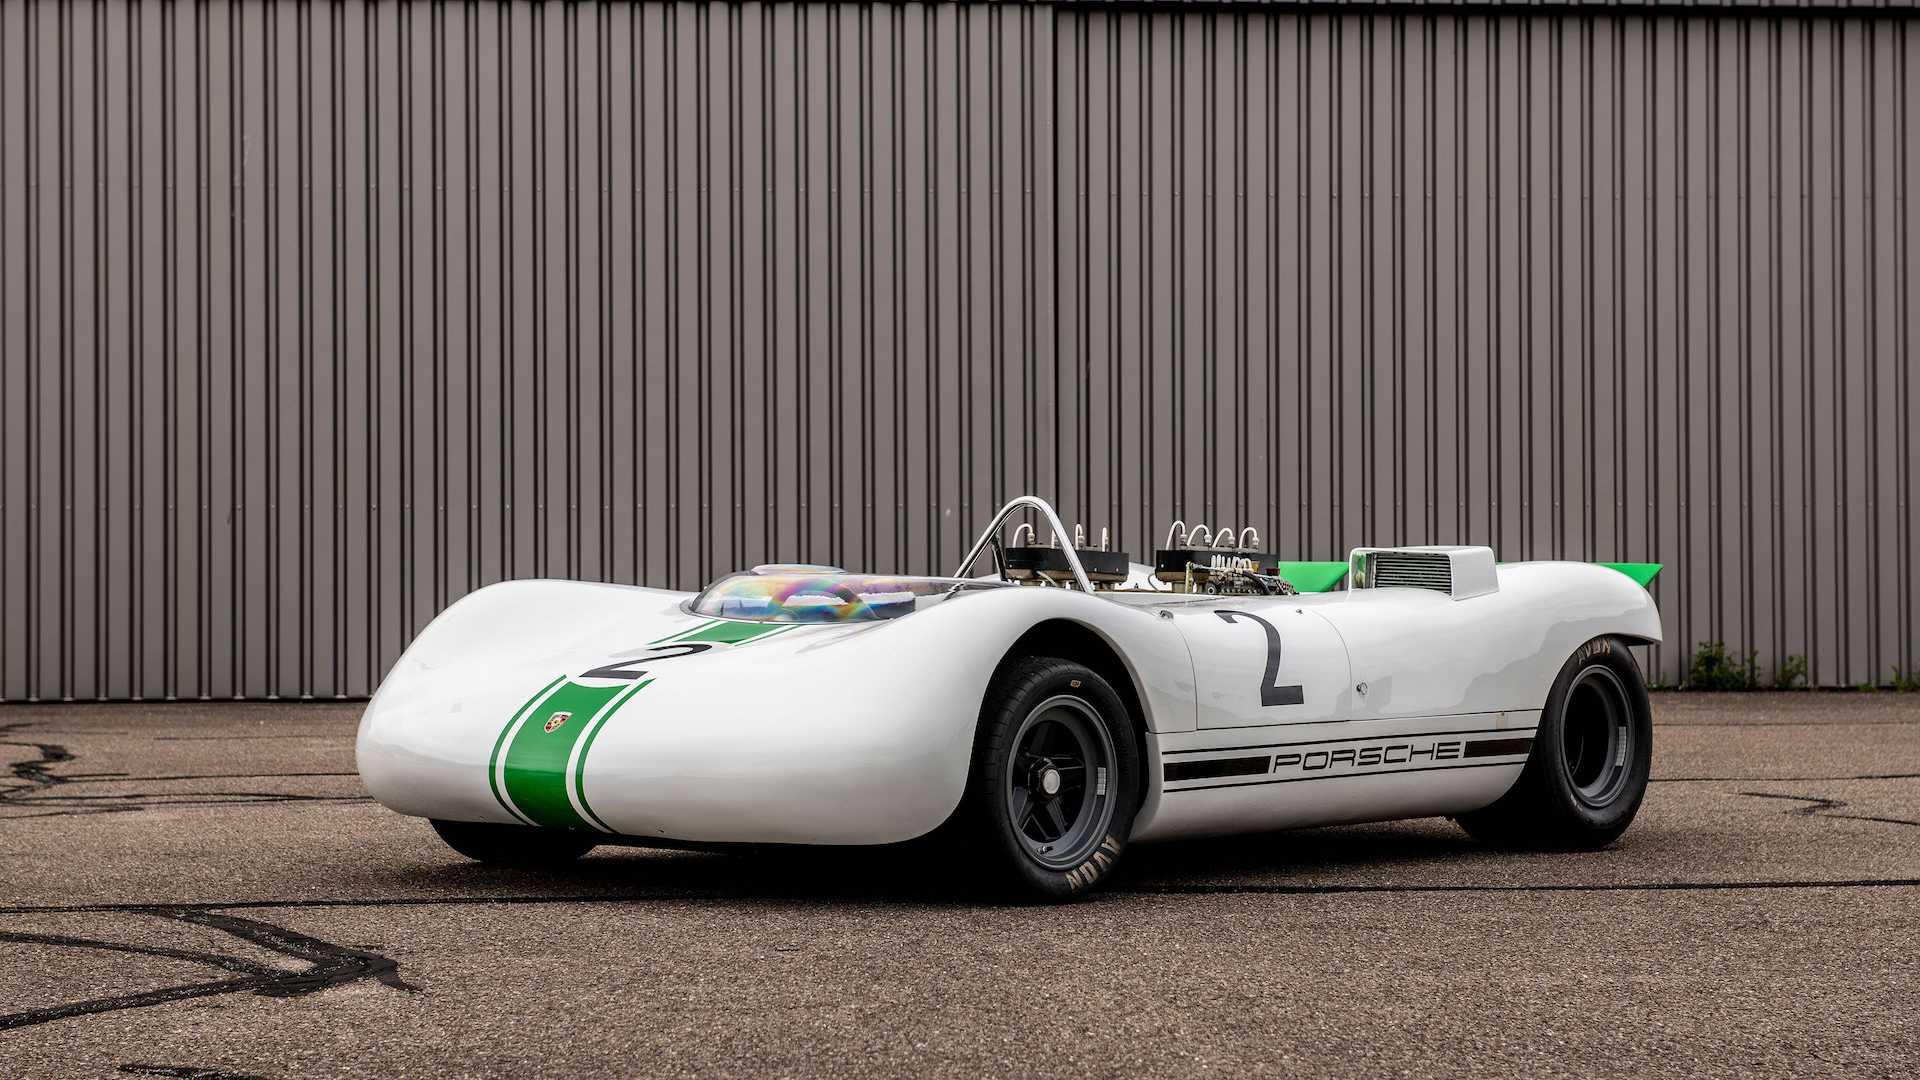 Porsche-981-Bergspyder-3